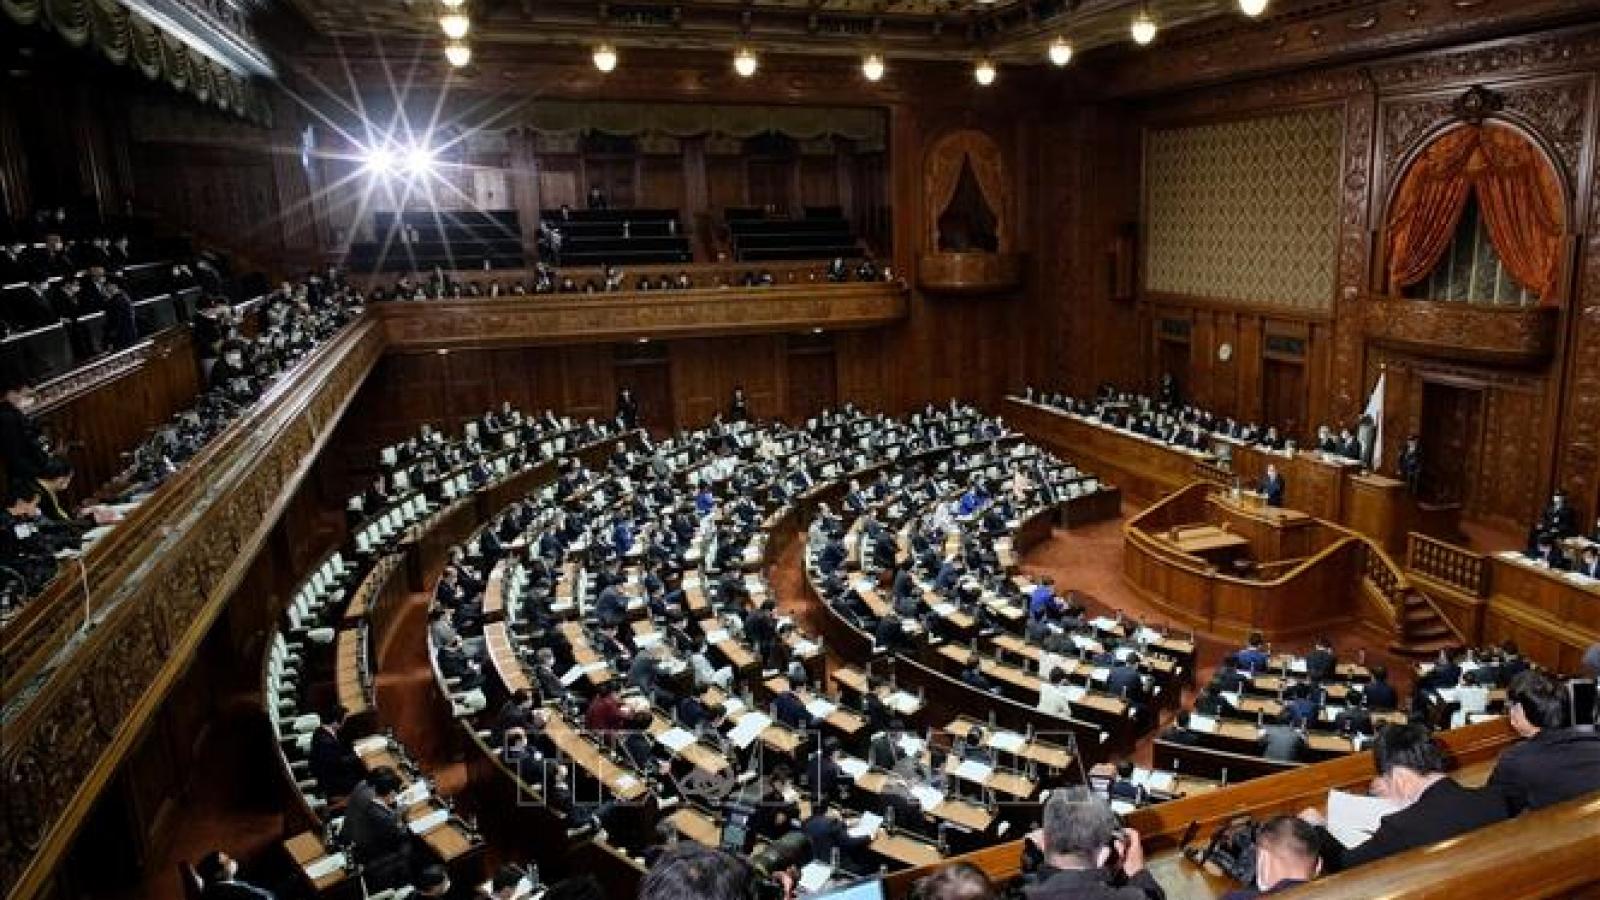 Nhật Bản: Các Đảng đưa ra cương lĩnh vận động tranh cử trước thềm giải tán Hạ viện